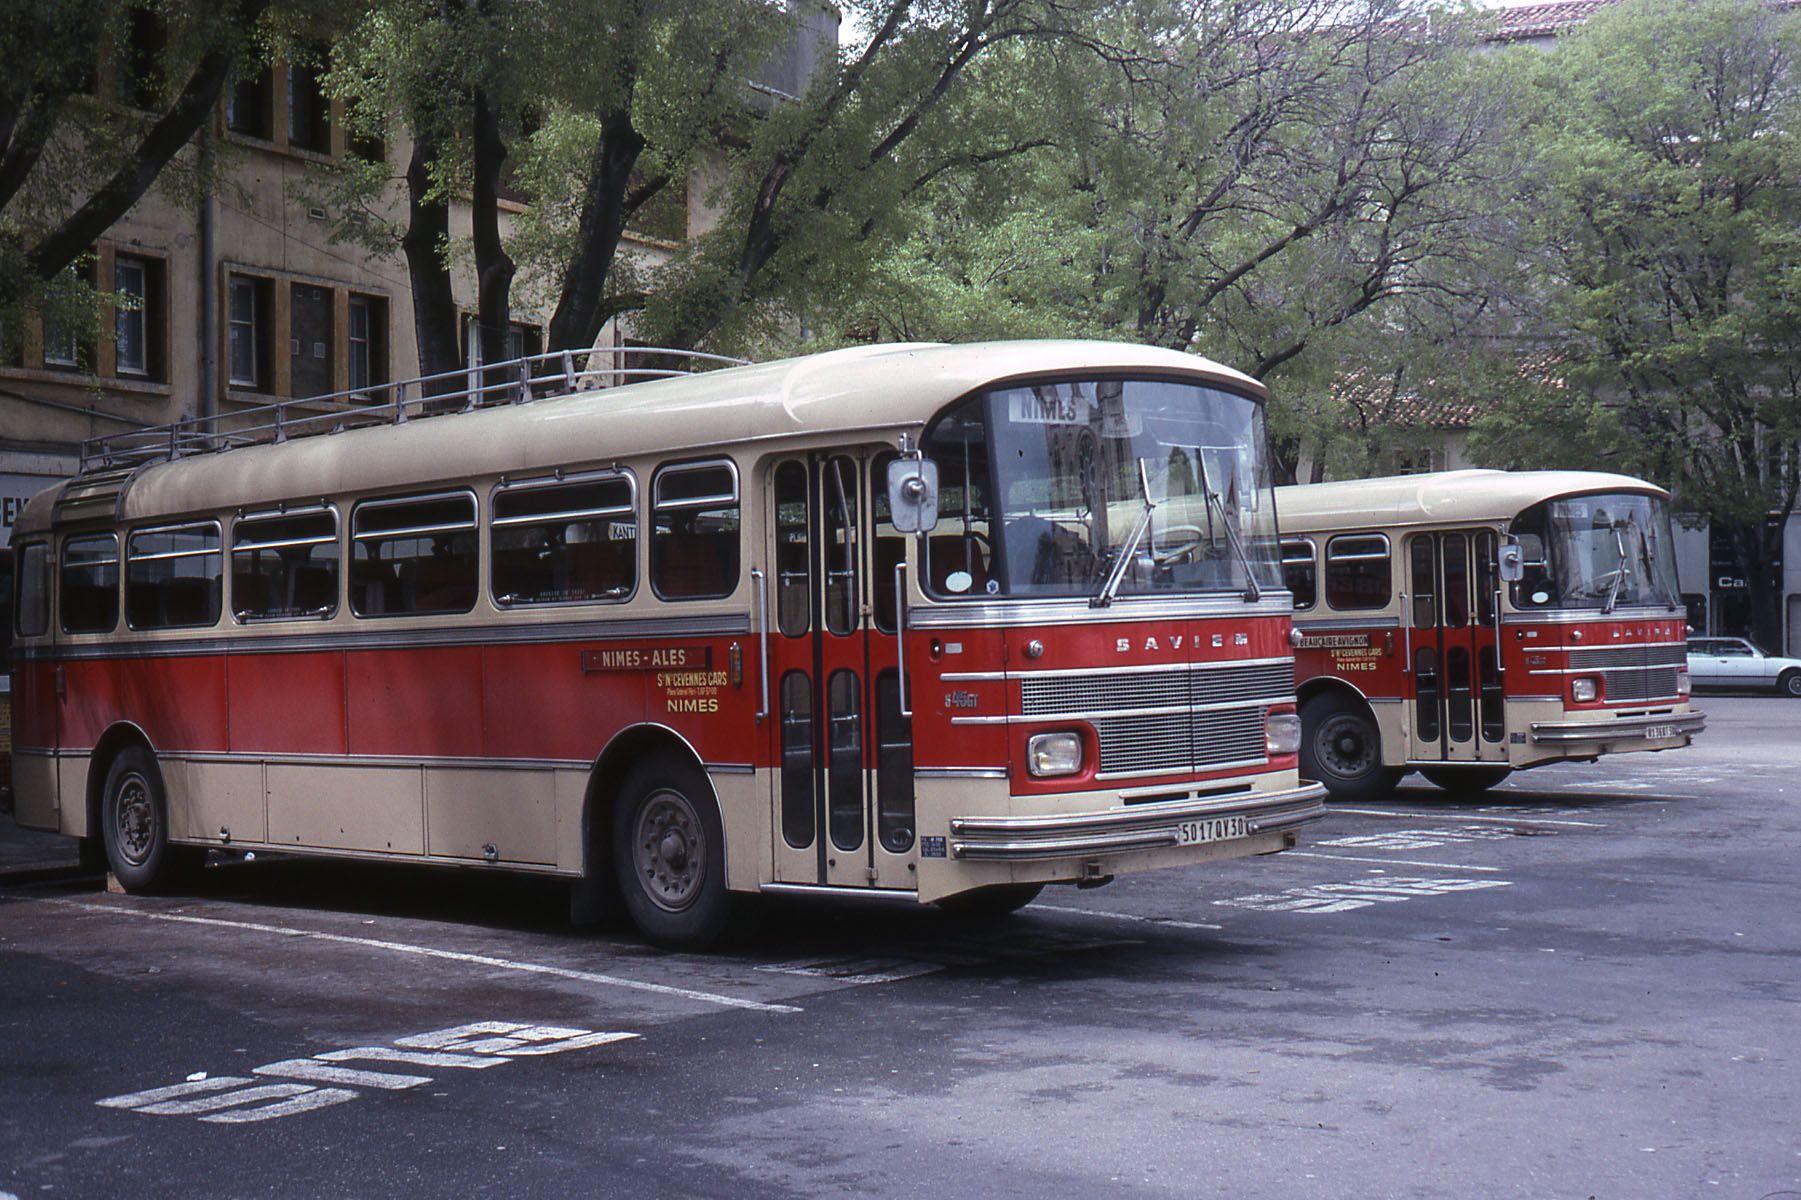 autocar saviem s45 recherche google autobus et locomotion pinterest bus. Black Bedroom Furniture Sets. Home Design Ideas